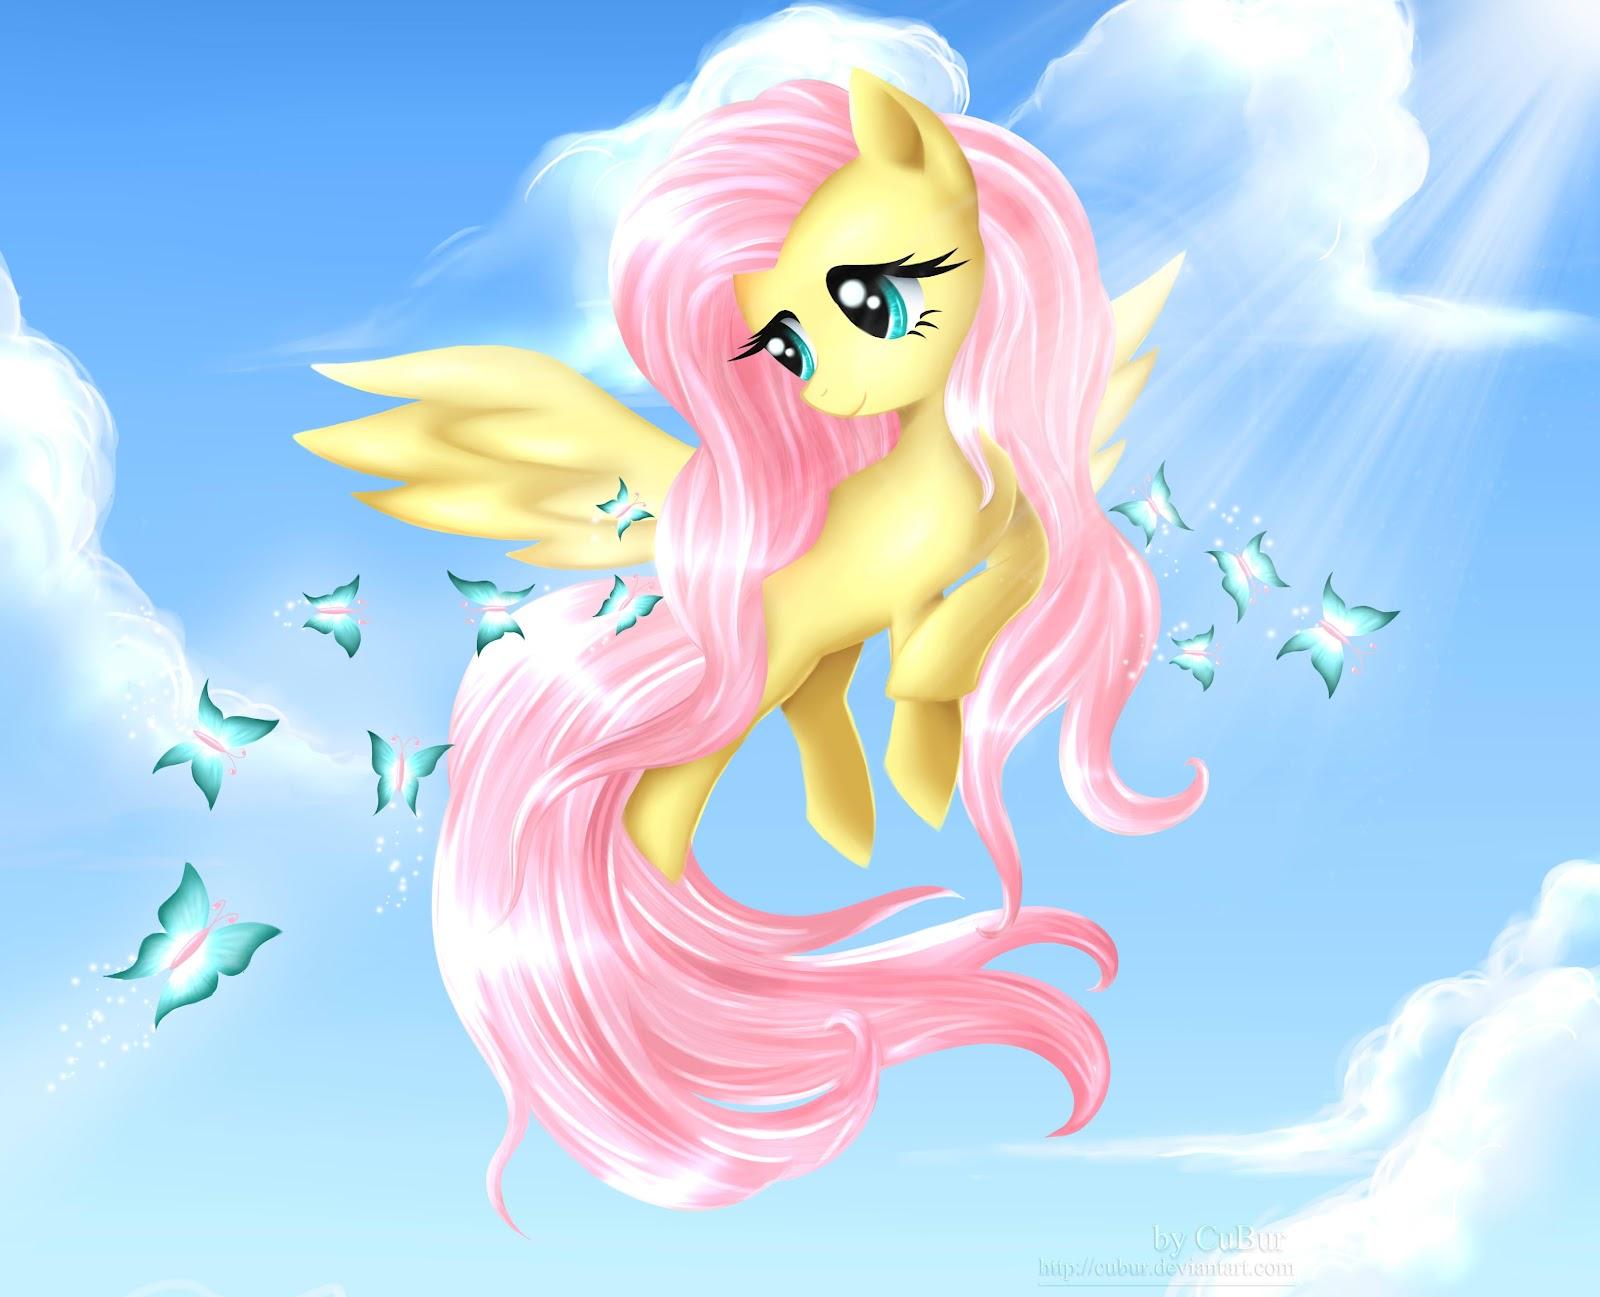 Cubur Drawings Pony Fluttershy Fanart